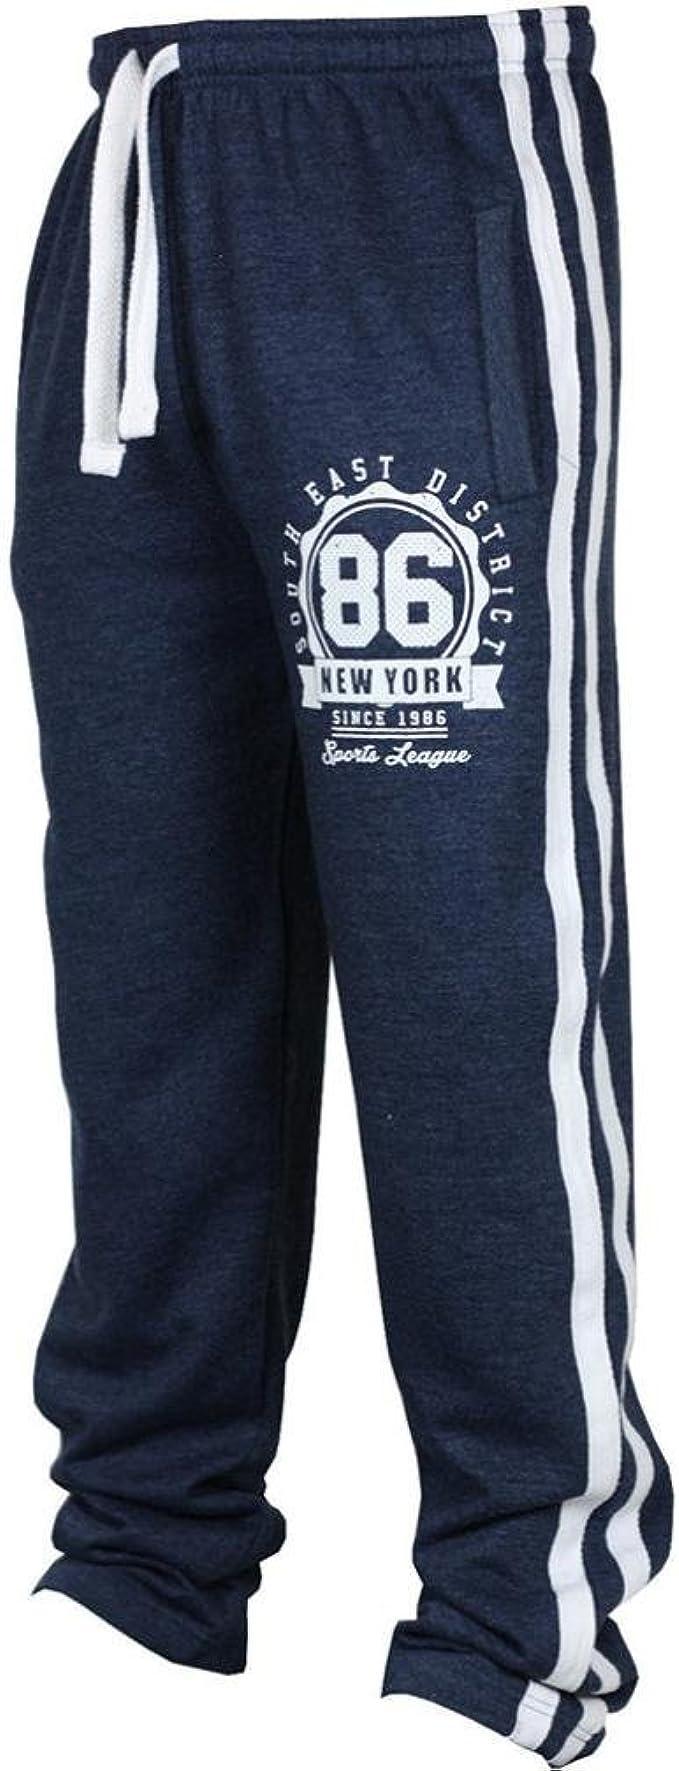 Pantolones para Hombres Talla Grande Pantolones Largo de Chándal ...